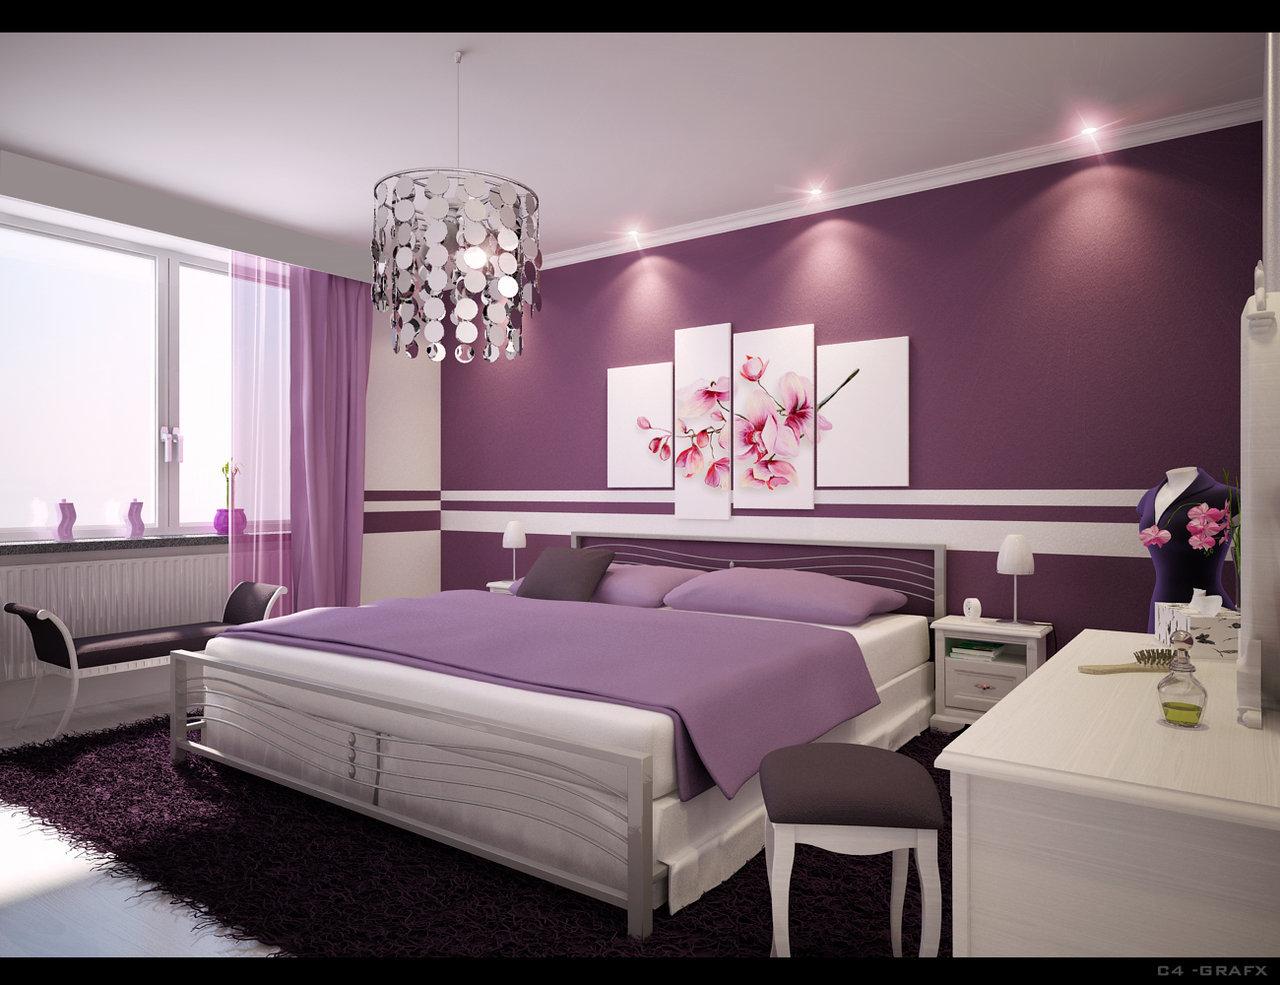 بالصور احلى غرف نوم , اشيك كتالوجهات غرف النوم للعرسان 2863 8